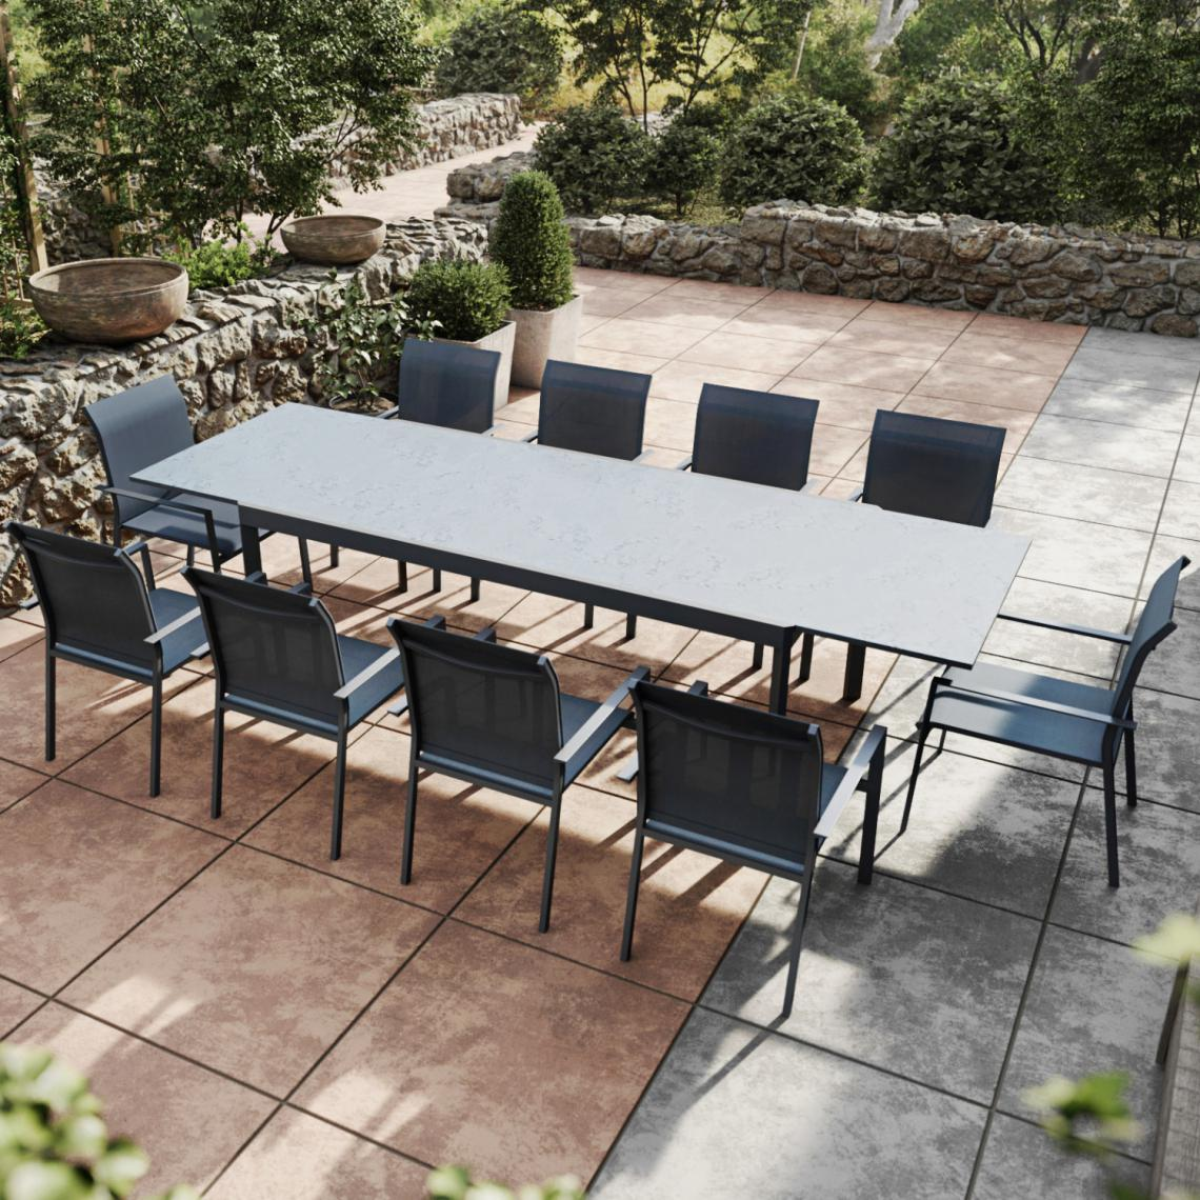 Avril Paris Table de jardin extensible aluminium anthracite 200/300cm + 10 fauteuils empilables textilène - ARONA